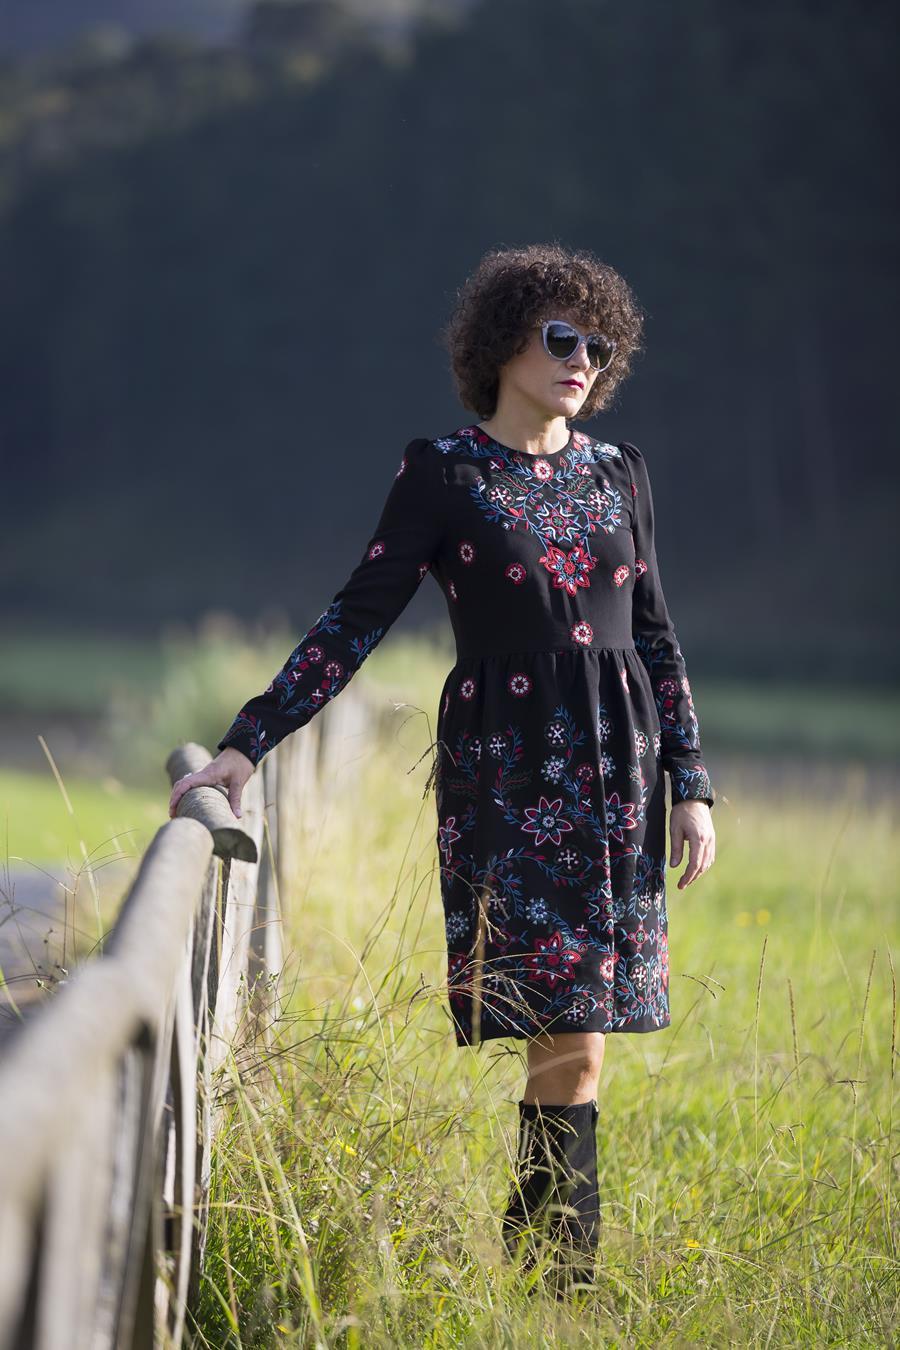 Rebeca Valdivia, Miss Clov, Personal shopper, Donostia, vestido negro, black dress, dress, boho, vestido bordado, boots, botas tacón ancho y plataforme, botas altas, abrigo de doble faz, abrigo piel vuelta, shearling coat